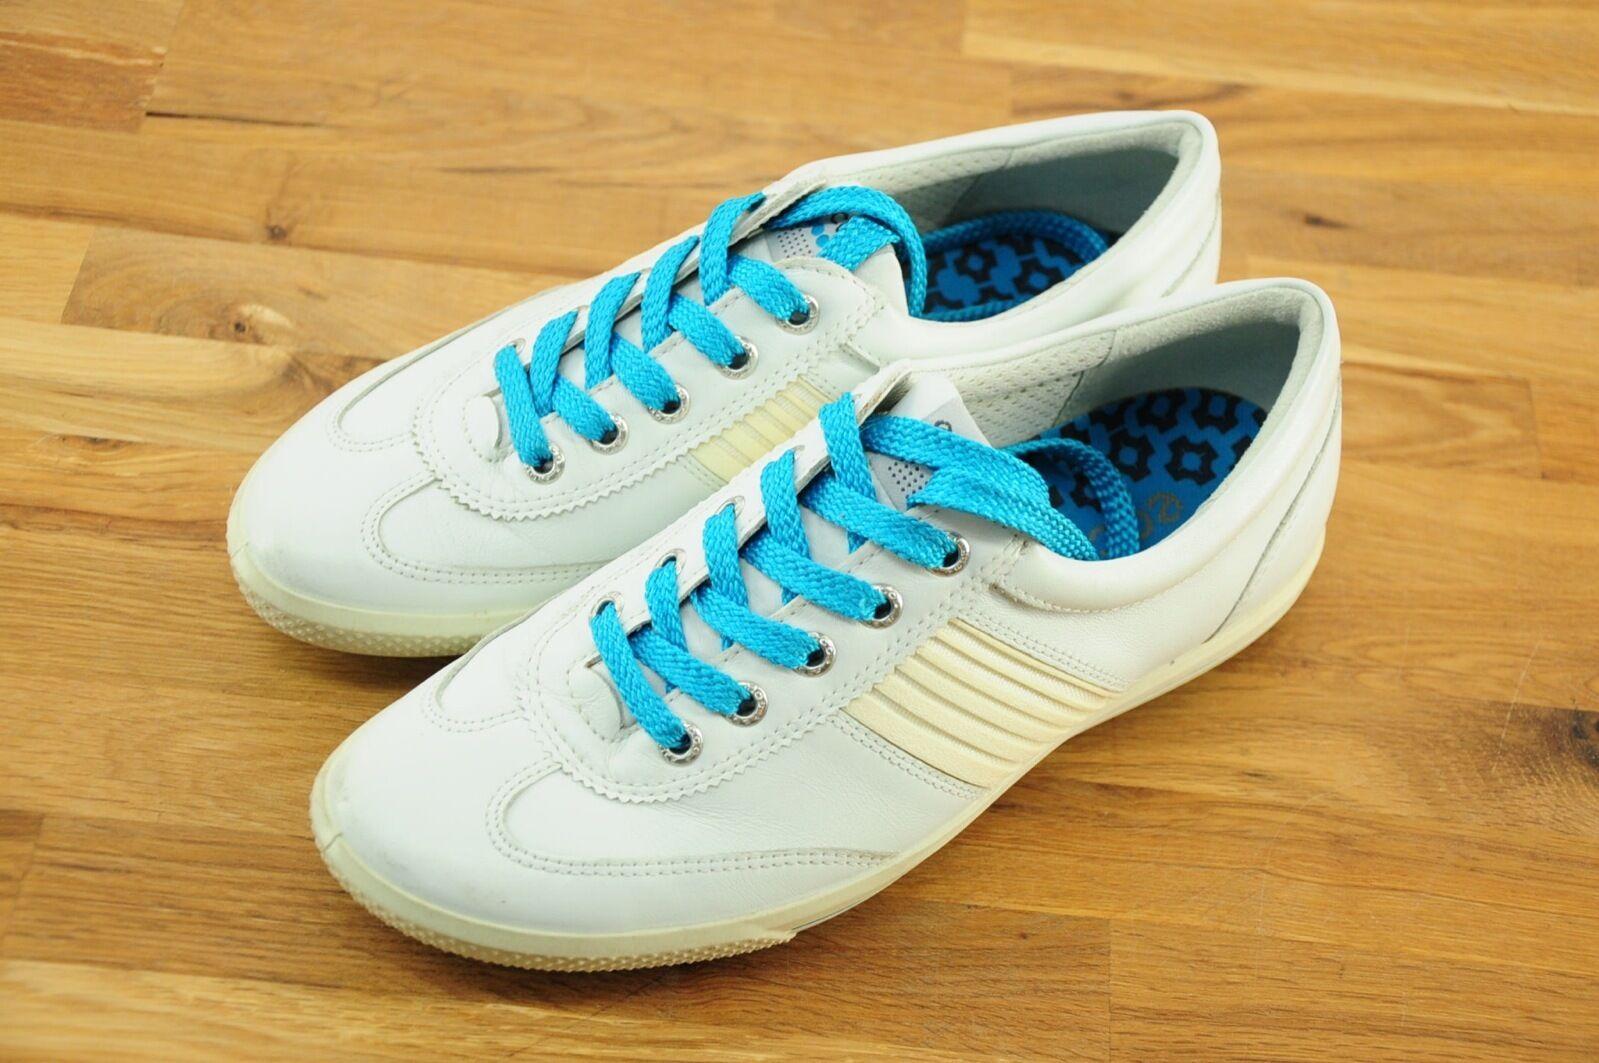 sports shoes ab338 3f437 EUC ECCO Weiß Weiß Weiß Leather Fashion Comfort Walking Turnschuhe Blau  Laces Sz 37EU 9219a9